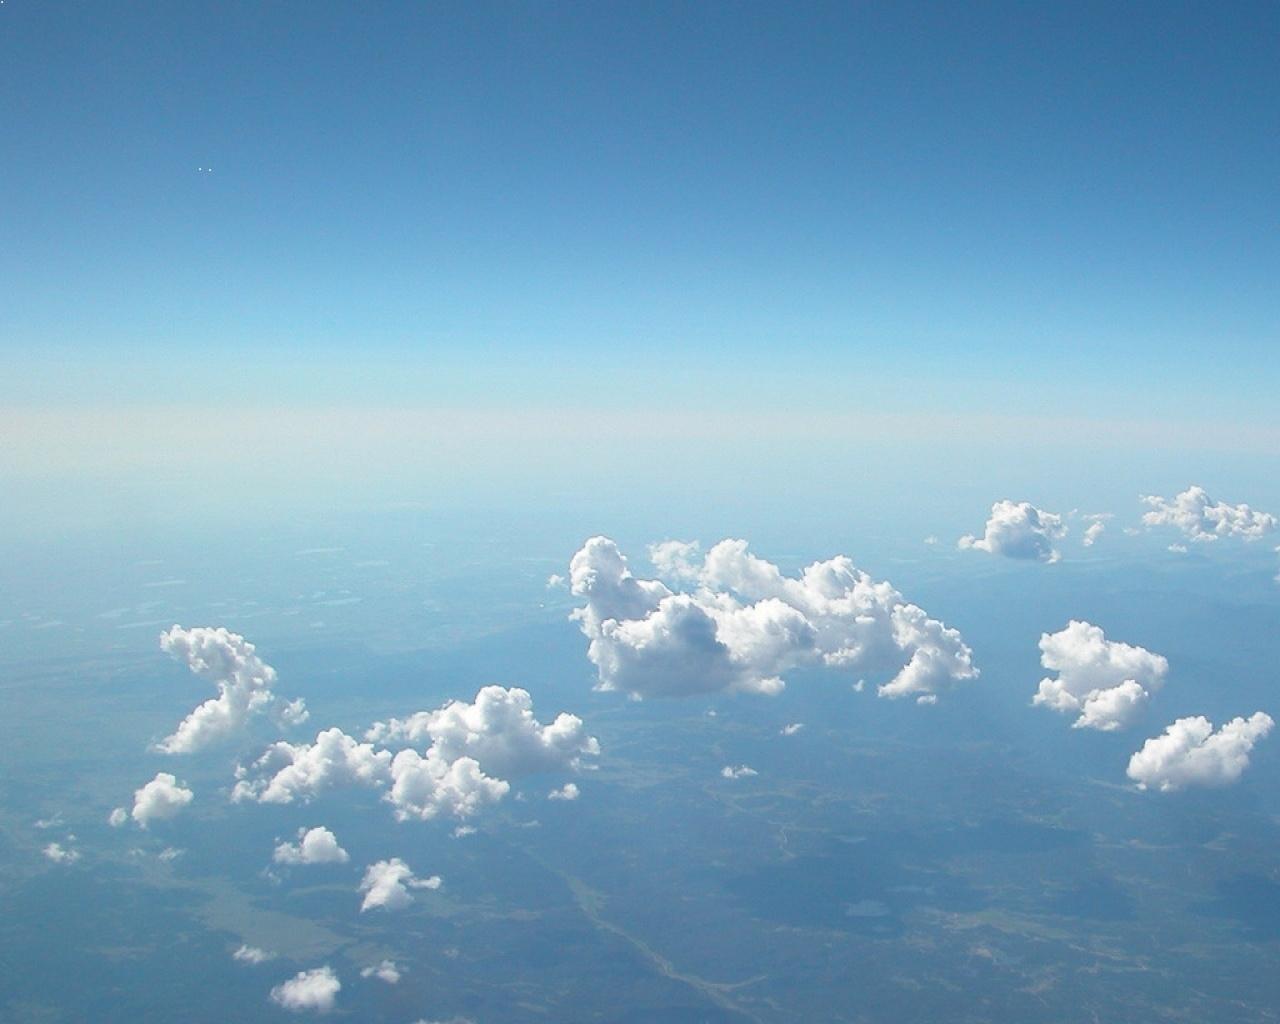 12855 скачать обои Пейзаж, Небо, Облака - заставки и картинки бесплатно